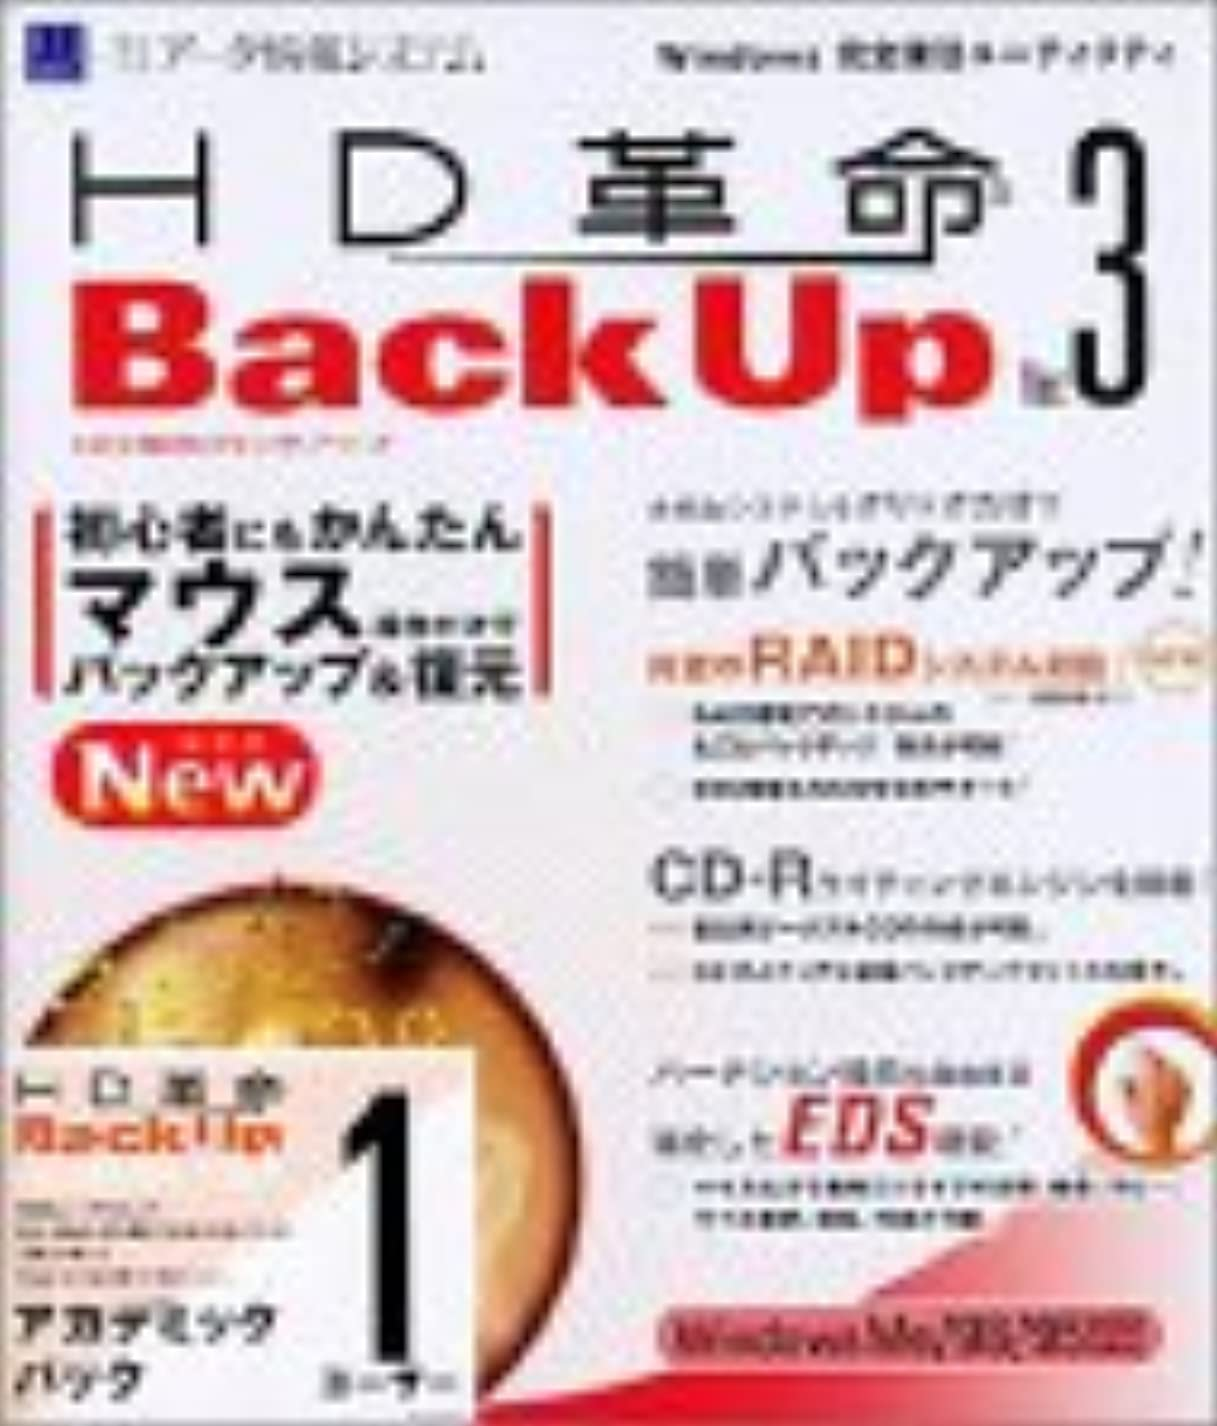 賭け定期的に奇妙なHD革命/BackUp Ver.3 アカデミックパック 1ユーザー